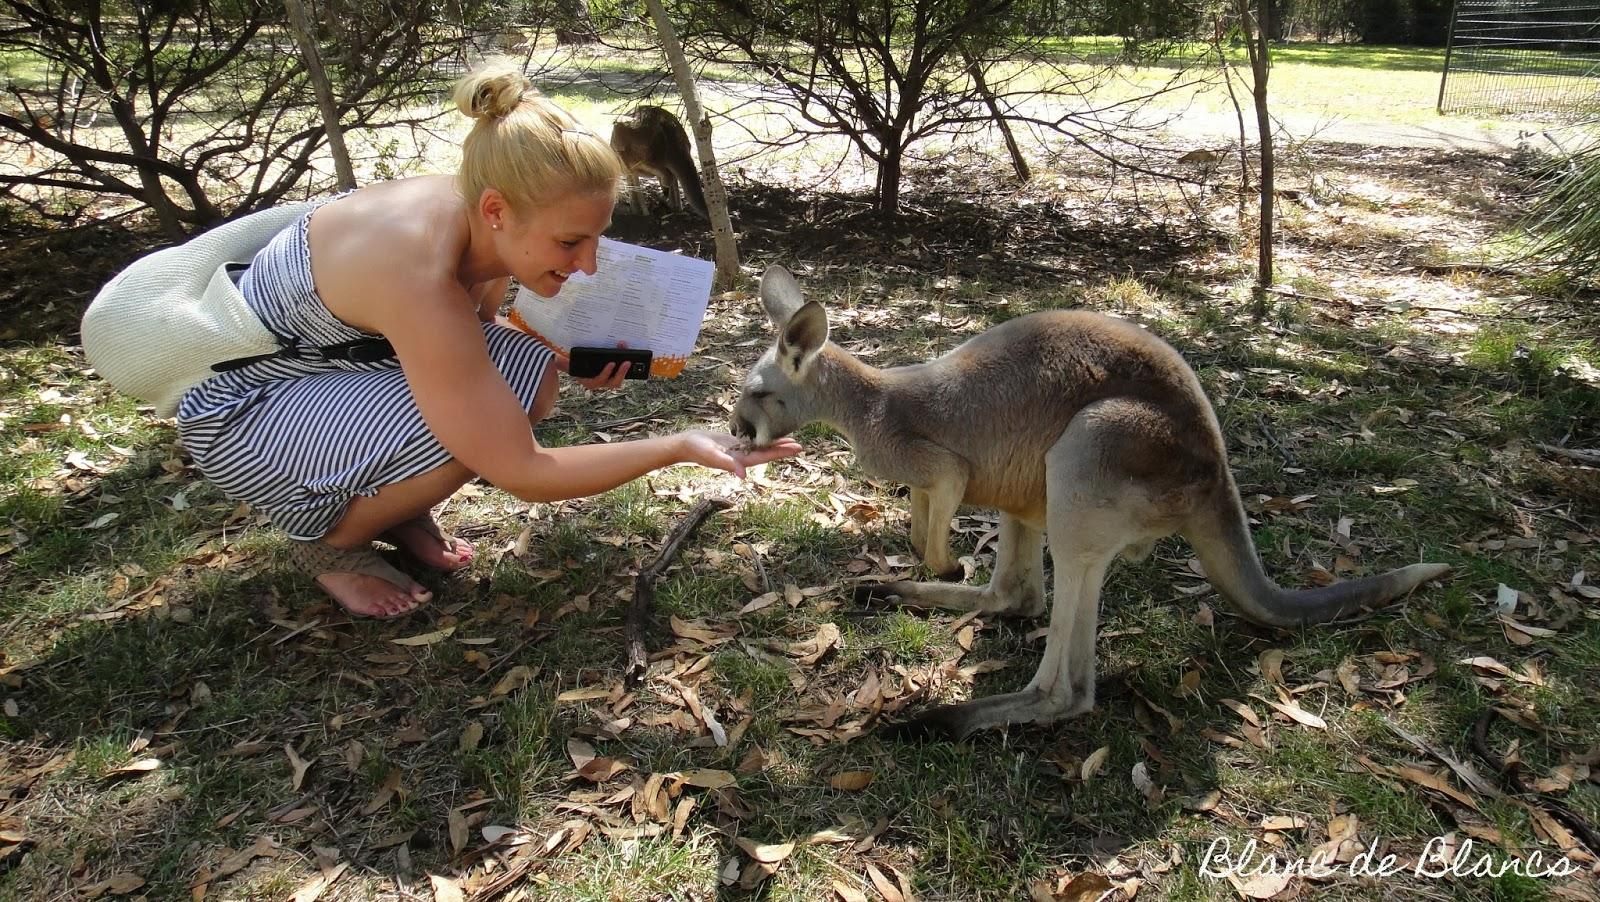 Kenguru ja Australia - www.blancdeblancs.fi